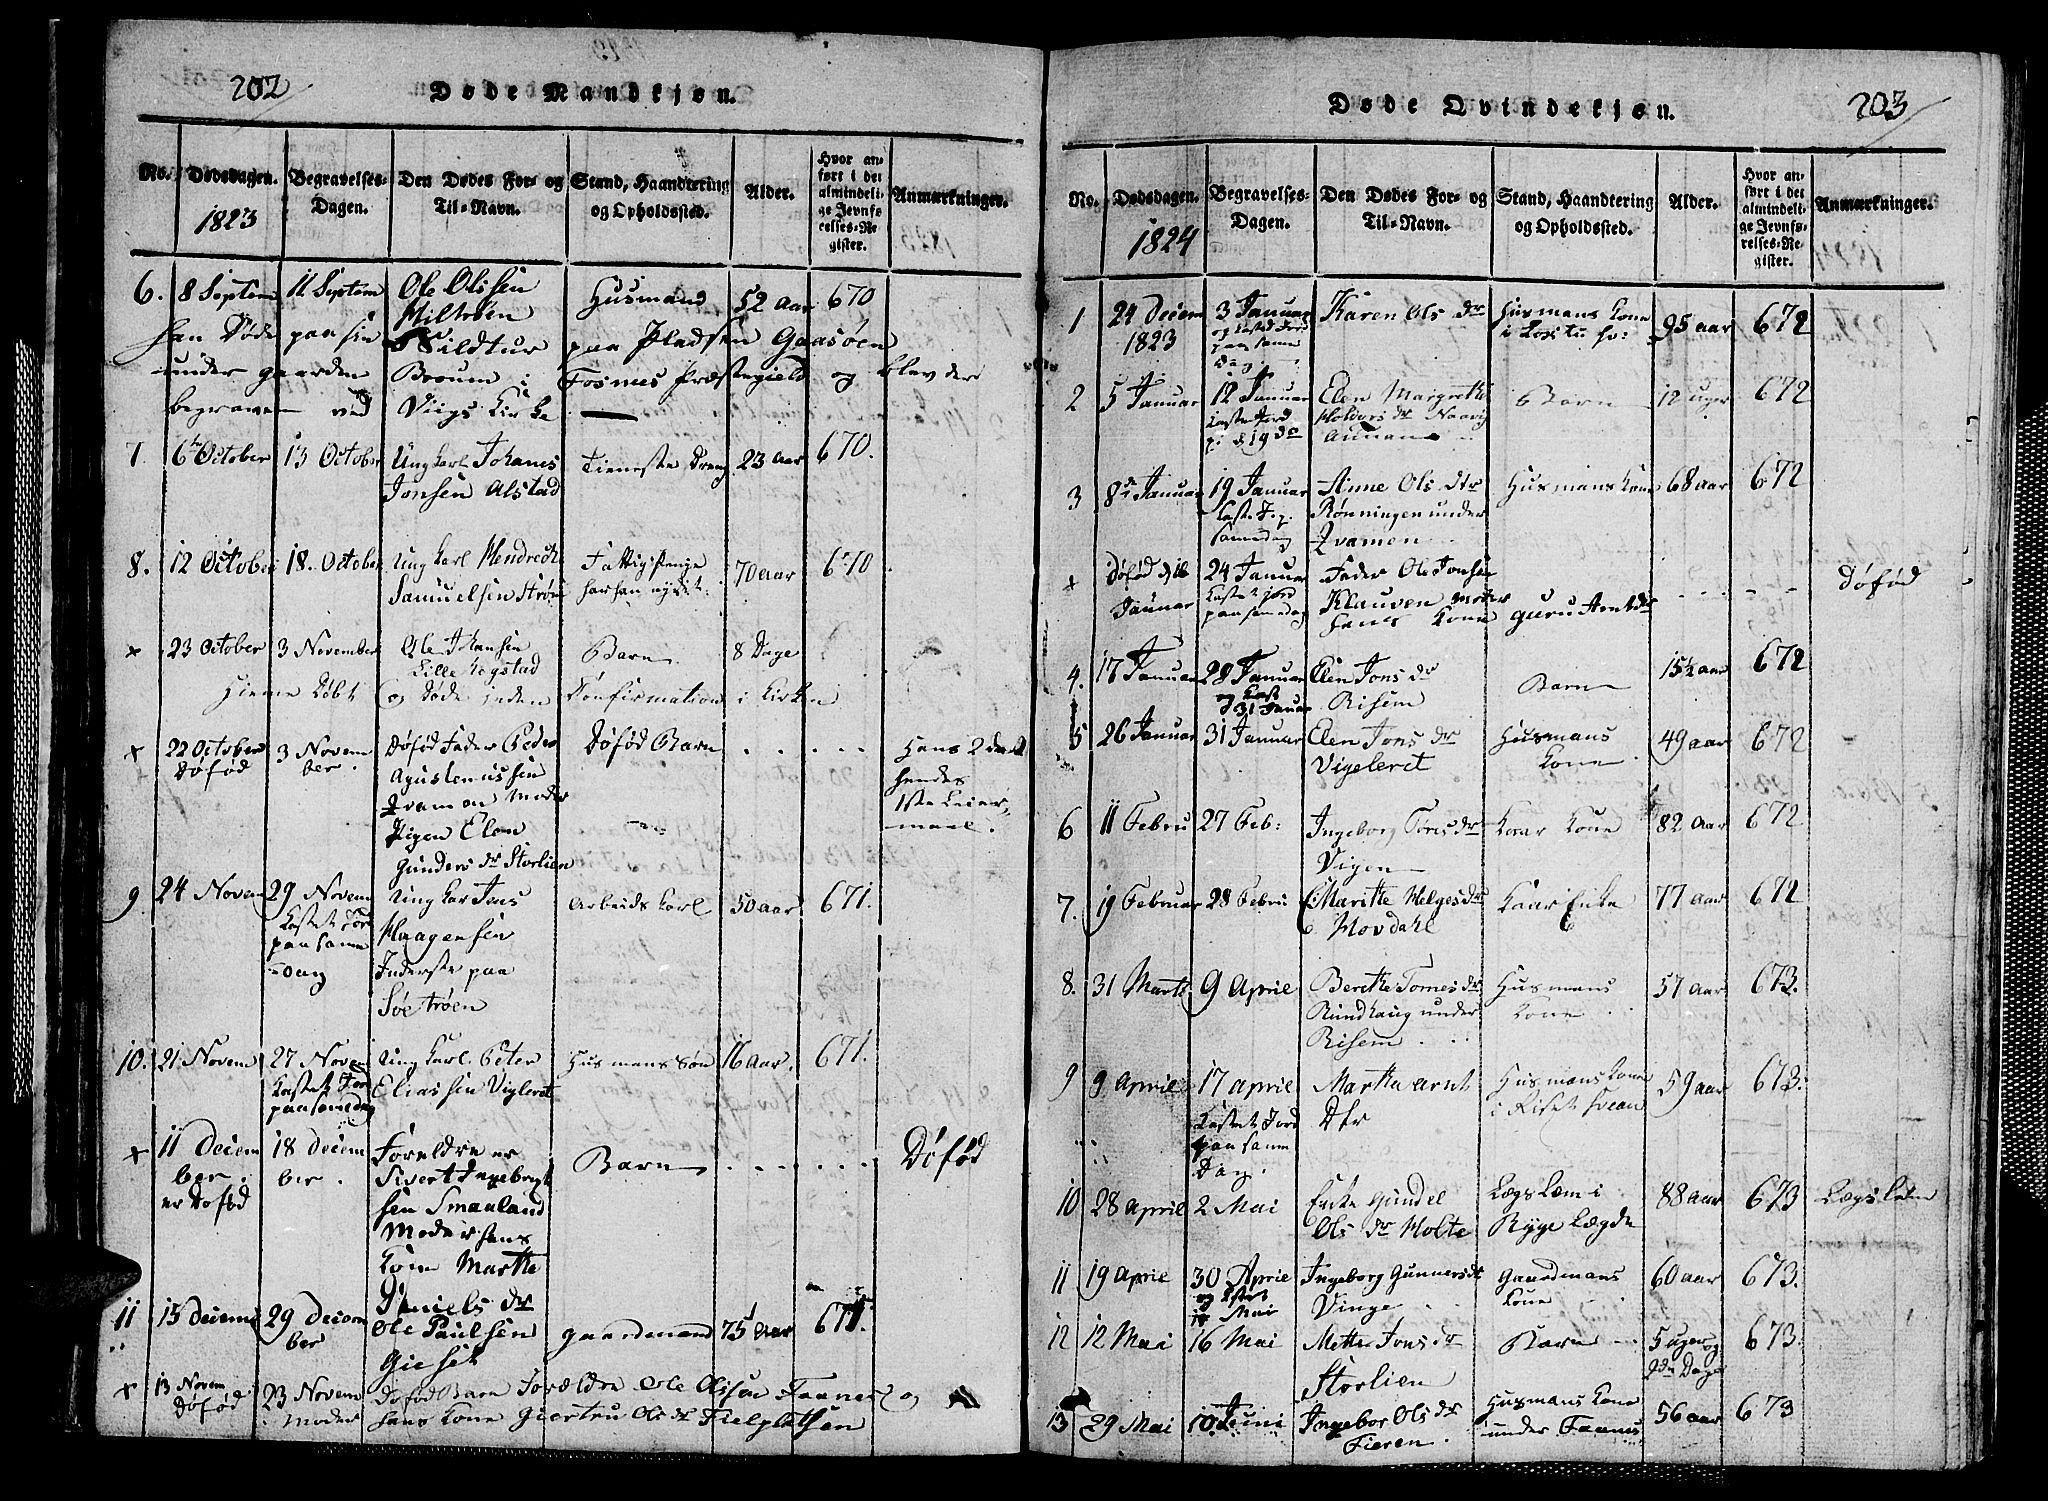 SAT, Ministerialprotokoller, klokkerbøker og fødselsregistre - Nord-Trøndelag, 713/L0124: Klokkerbok nr. 713C01, 1817-1827, s. 202-203